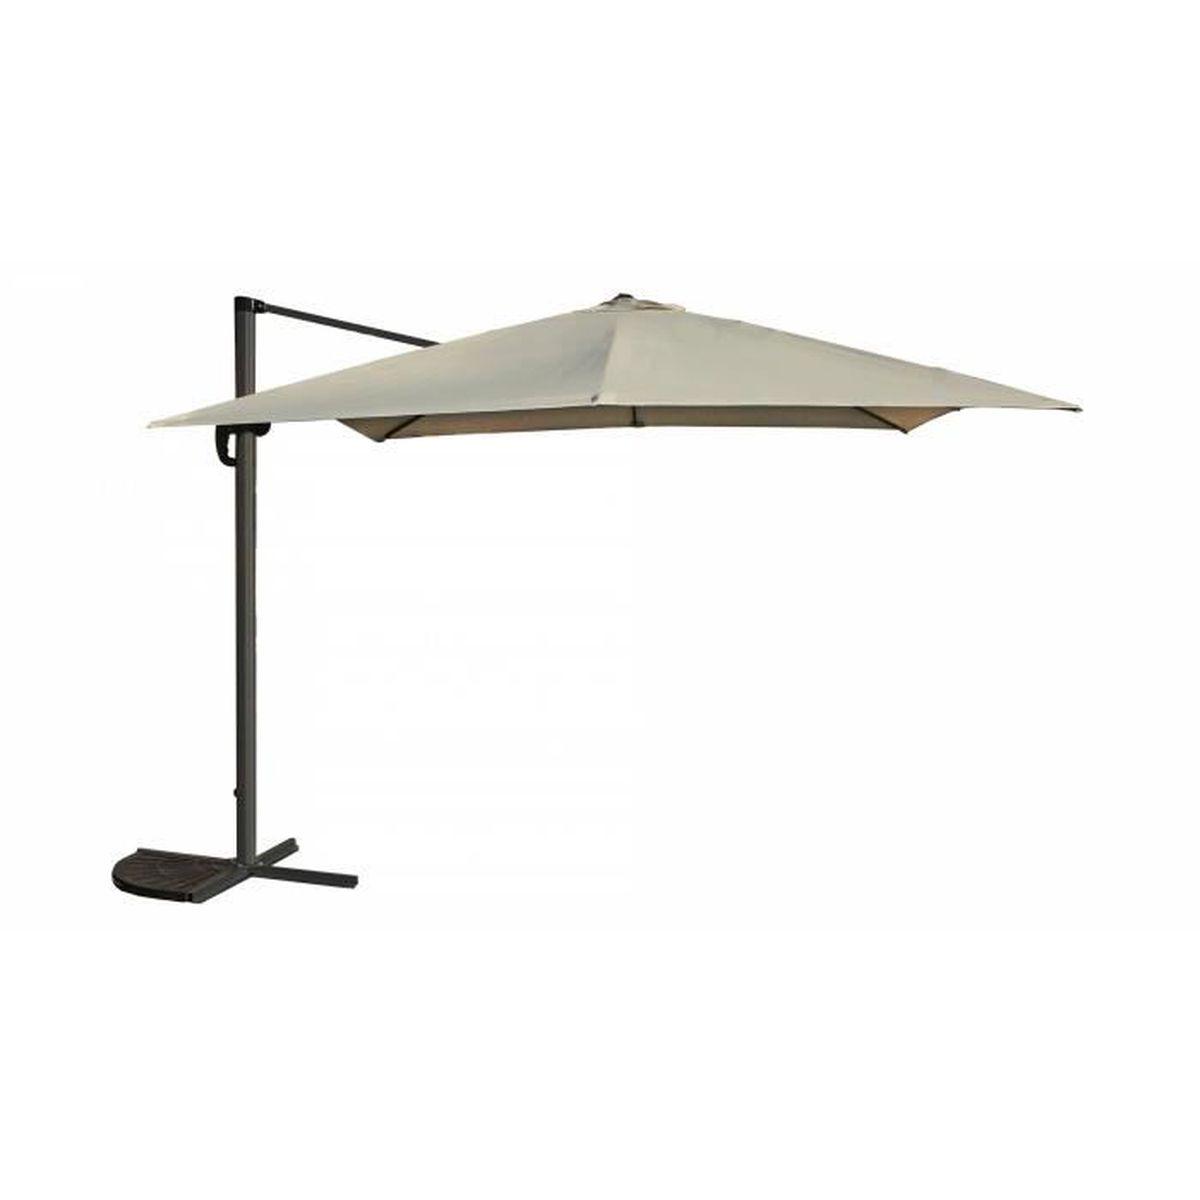 Parasol d port carr 3x3m en aluminium beige achat vente parasol parasol - Parasol prix discount ...